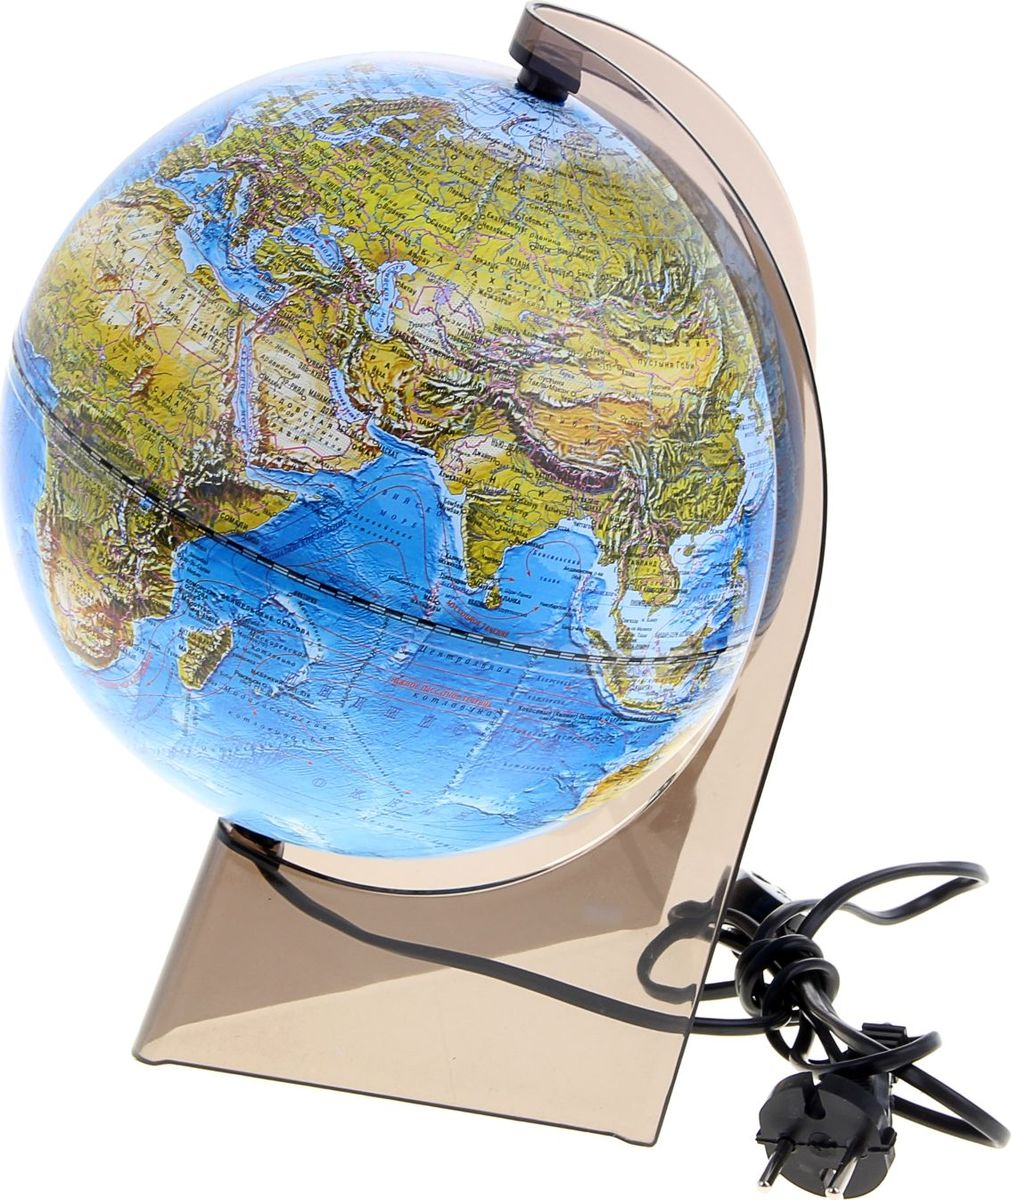 Глобусный мир Глобус ландшафтный с подсветкой диаметр 21 см -  Канцтовары и организация рабочего места